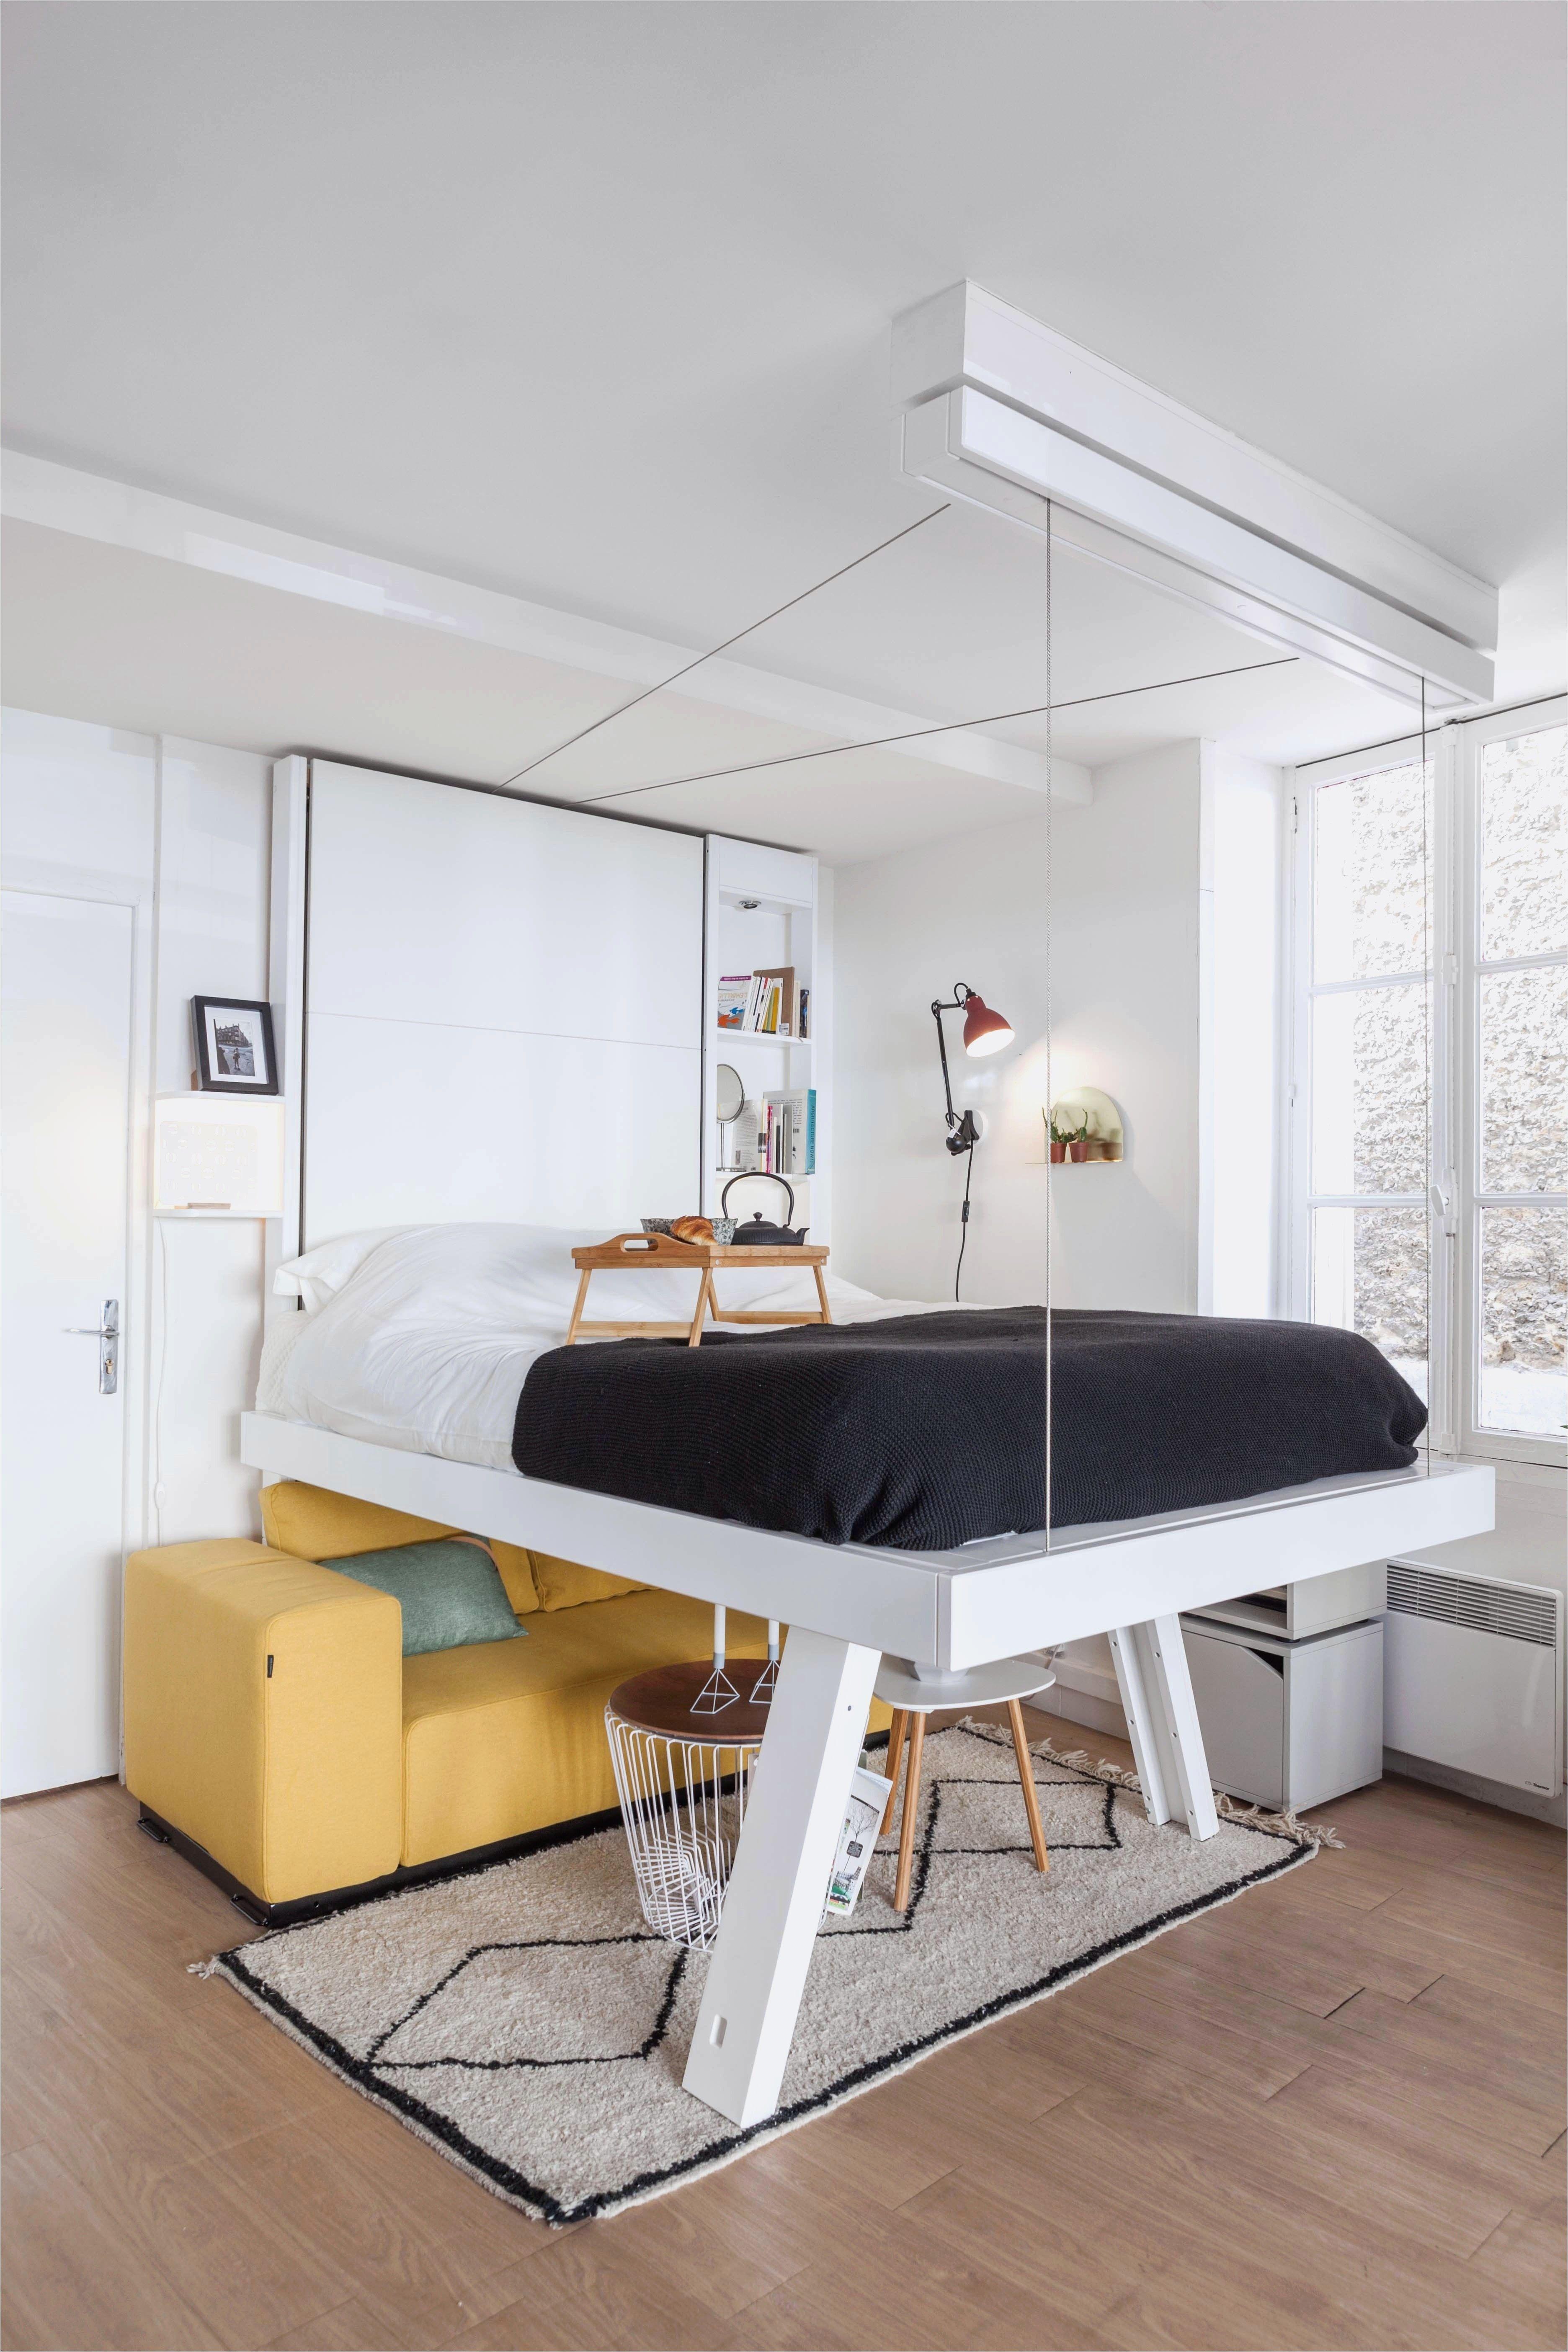 Lit Superposé Rabattable De Luxe Rusé Lit Canapé Escamotable Sur 100 Elegant Lit Rabattable Avec